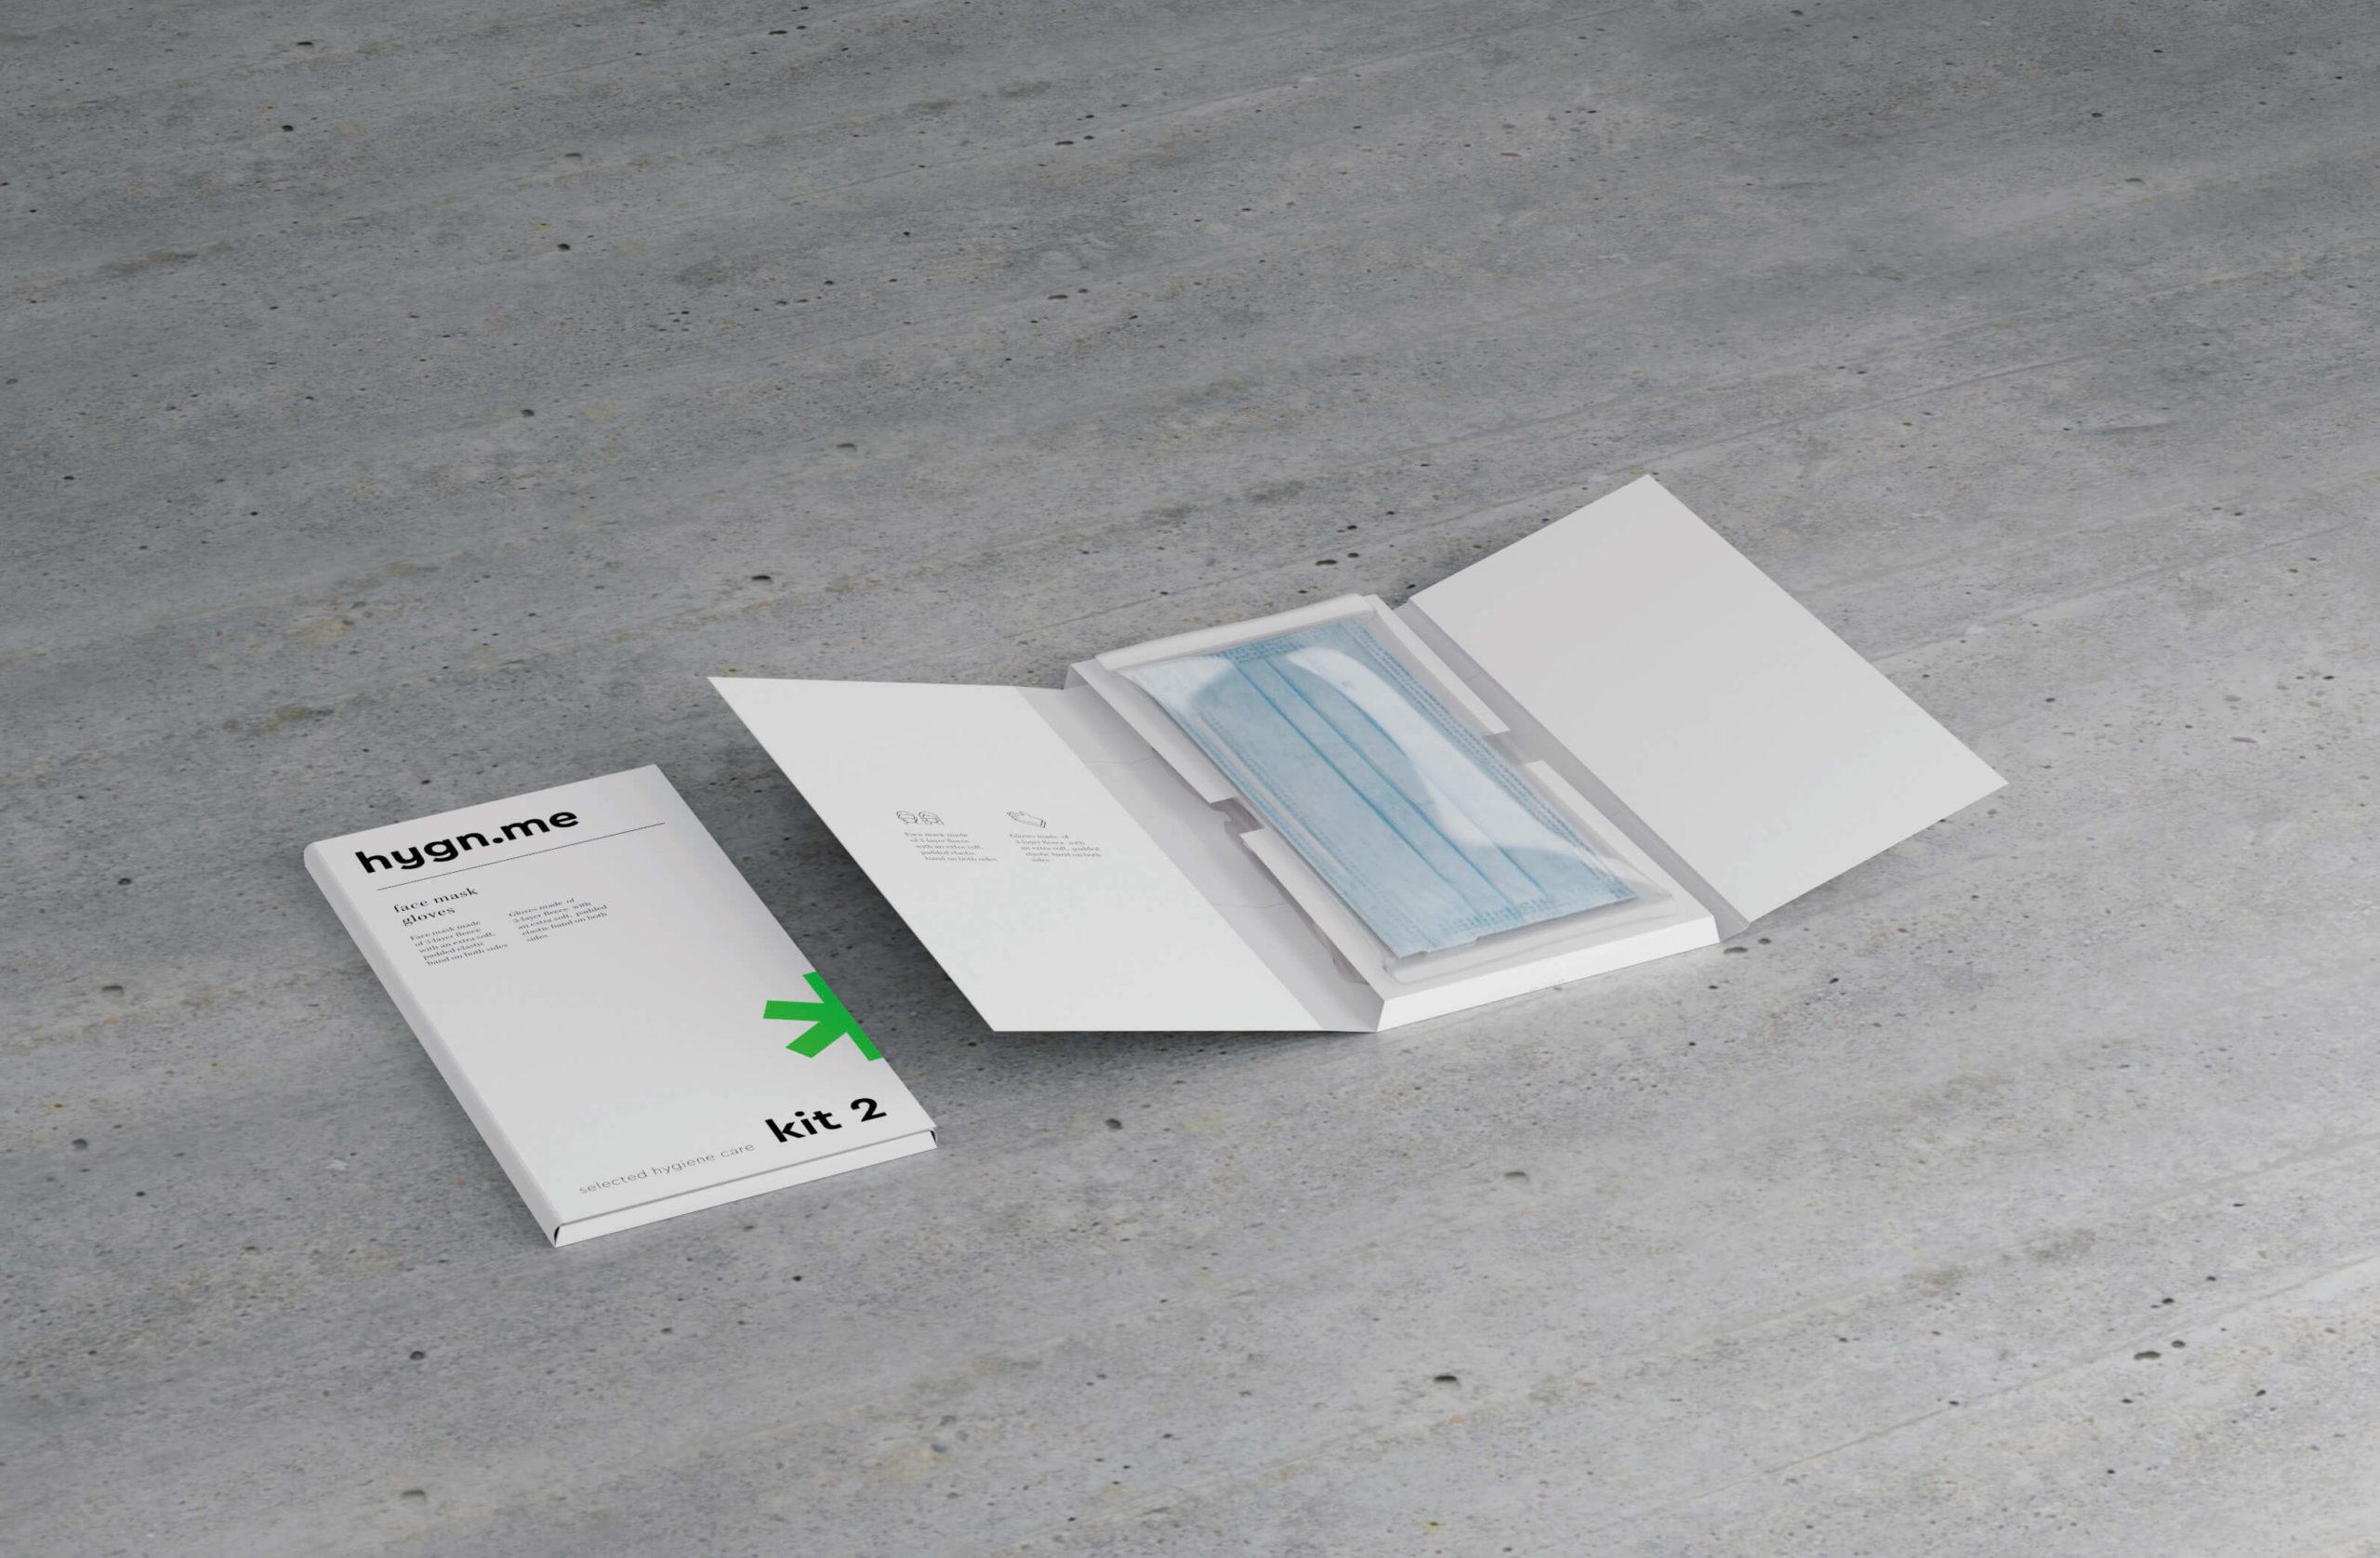 Design Hygienestationen und Desinfektionsspender: hygn.me Kit 2 Hygienekit mit Produkten zur Hygiene und Pflege zum Mitnehmen oder Vergeben an Gäste und Kunden